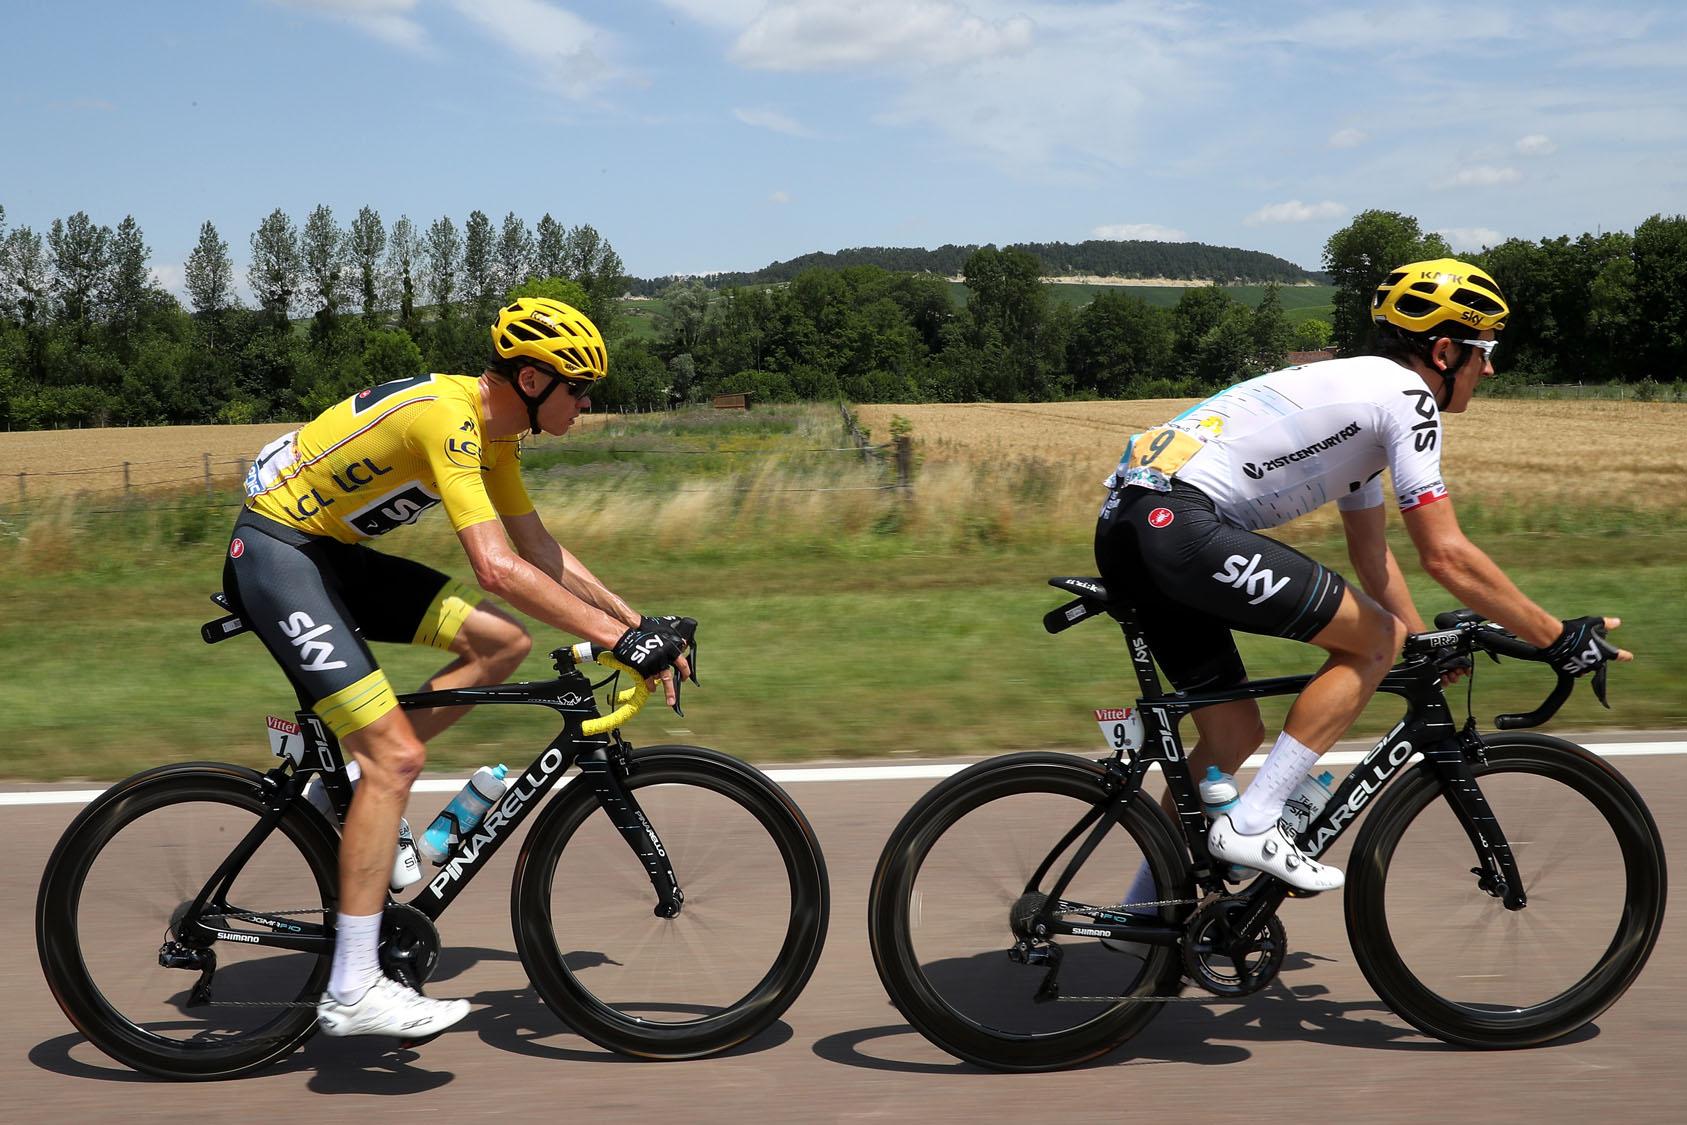 Team Sky Tour De France